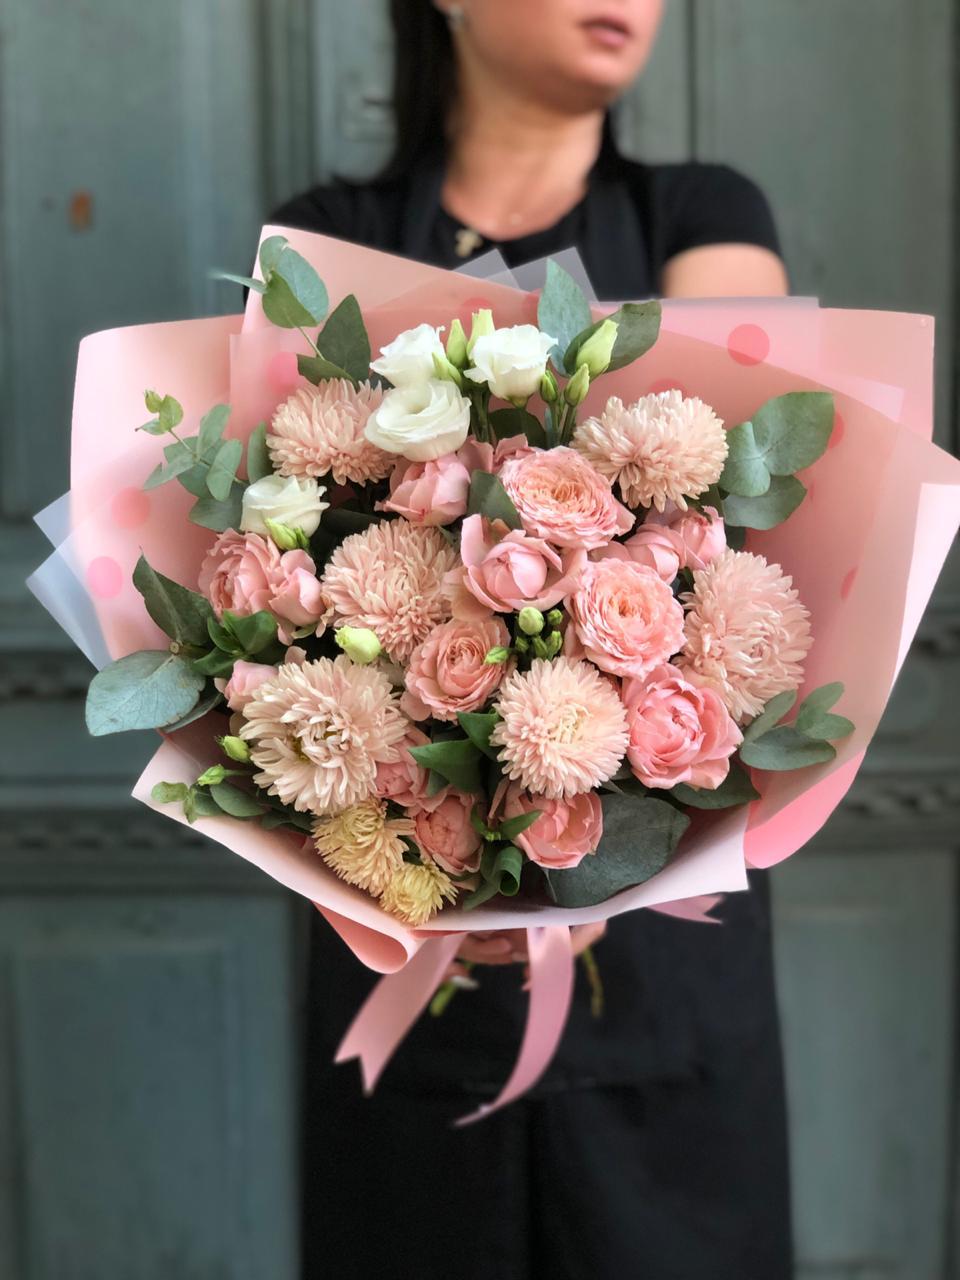 Через интернет, цветы с доставкой по москве стоимость букета до 250 рублей